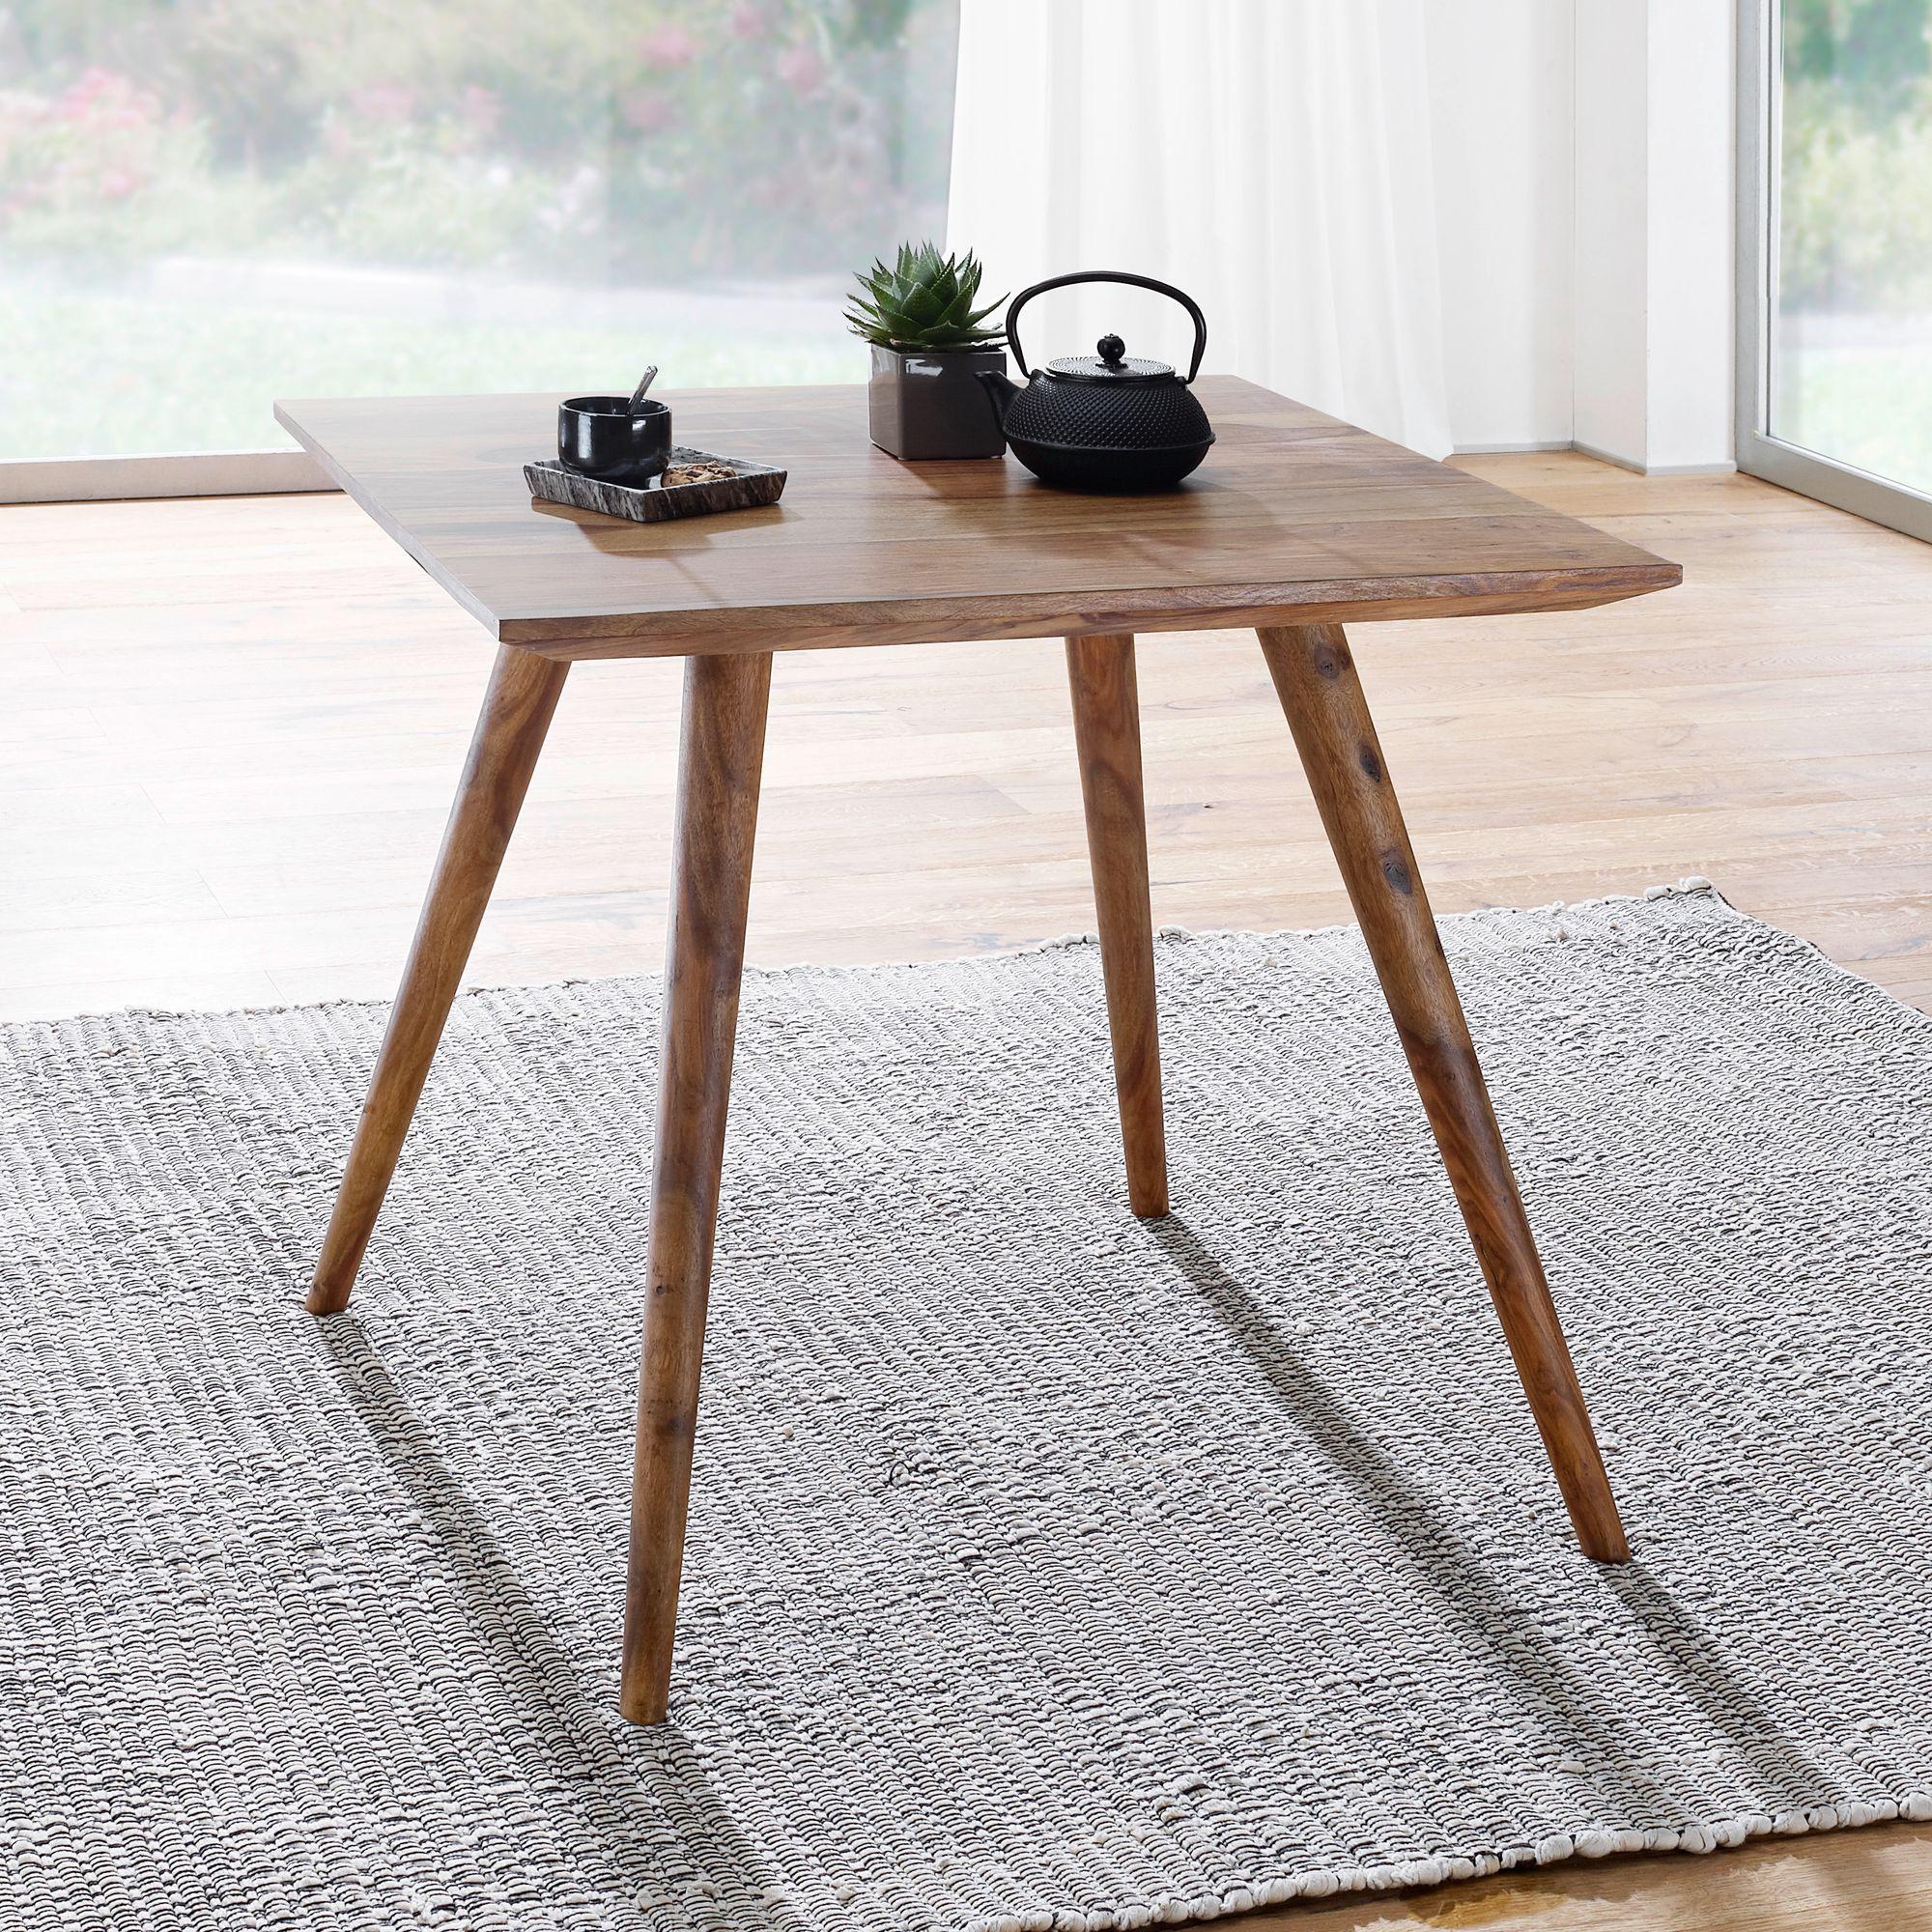 FineBuy Esszimmertisch Sheesham Rustikal Massiv Holz | Design Landhaus  Esstisch | Tisch Für Esszimmer Klein